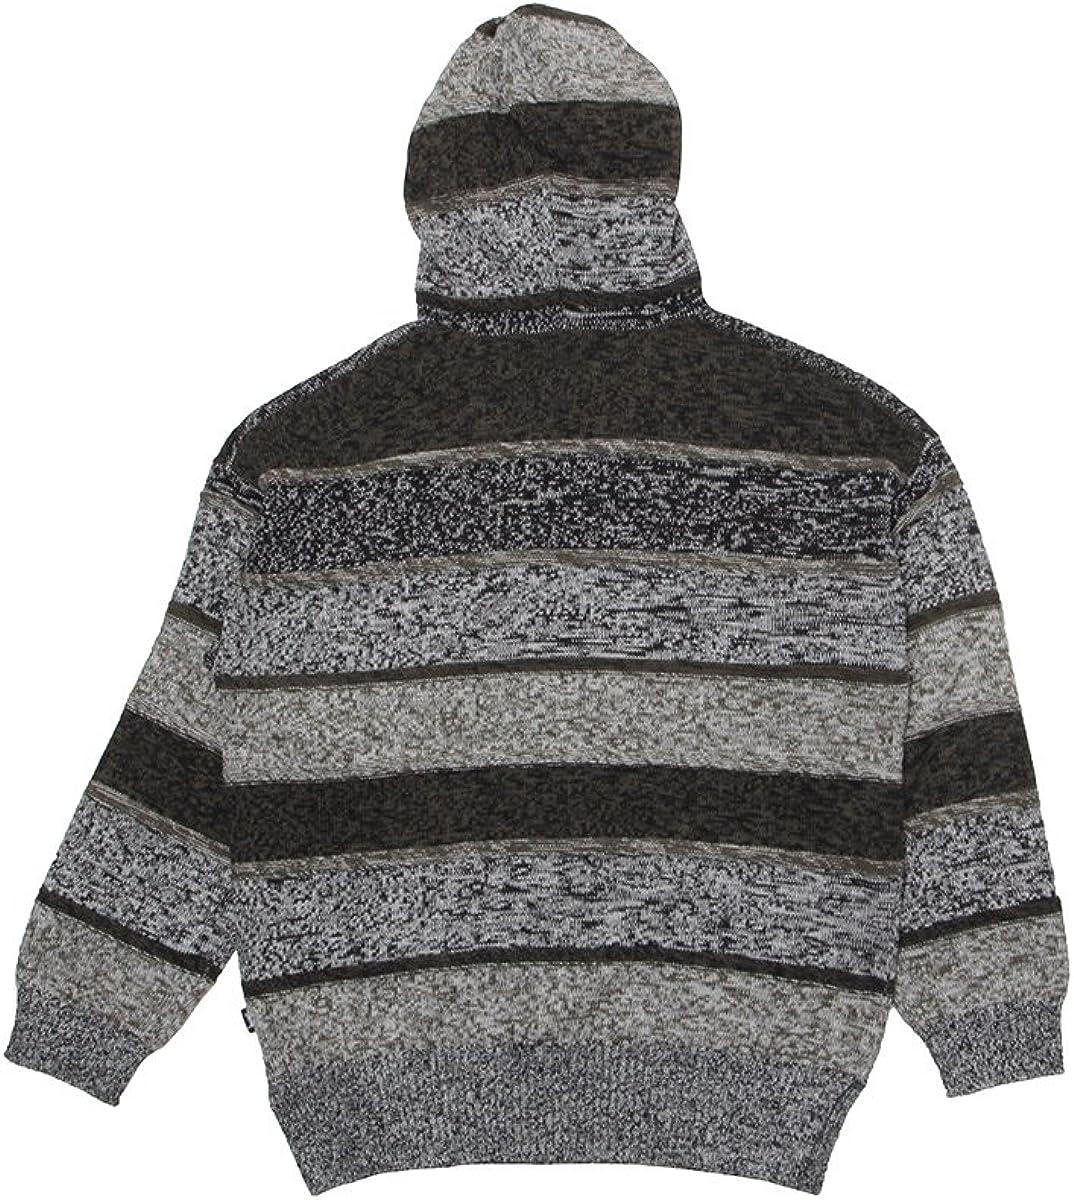 Xlarge Stussy Drug Rug Hoodie Sweater